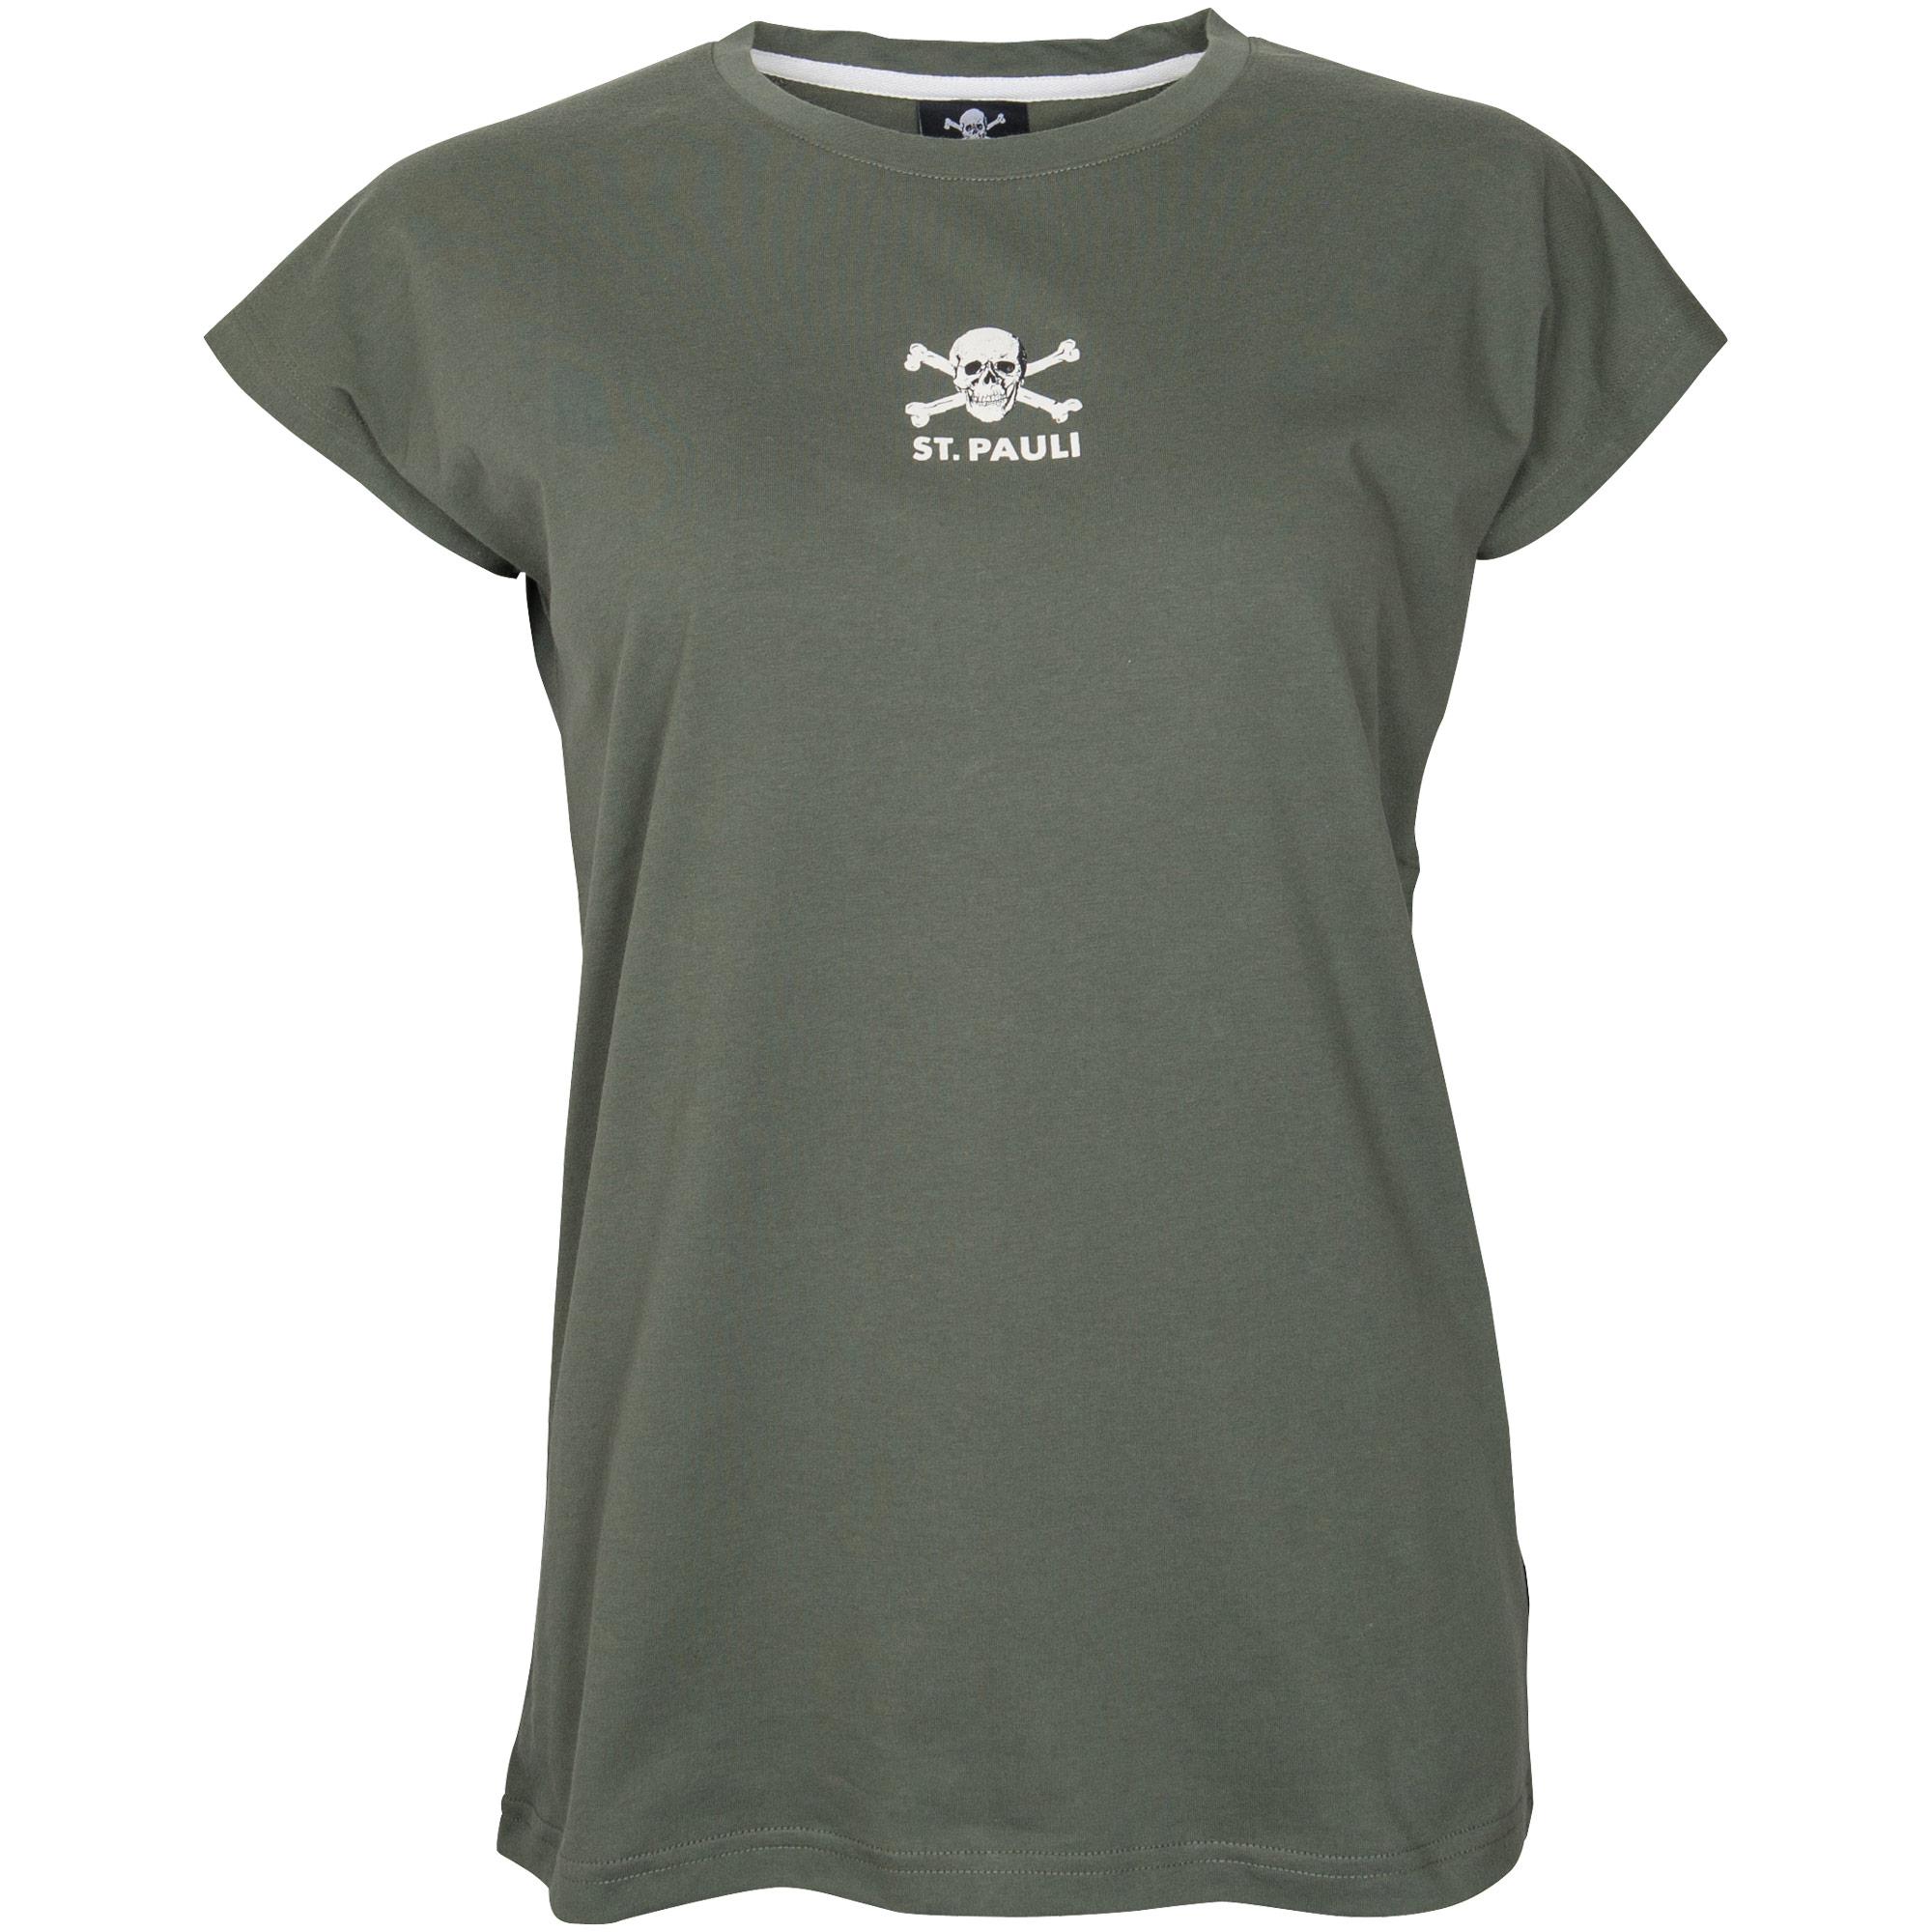 FC St. Pauli - Damen T-Shirt Autumn Green - olivgrün